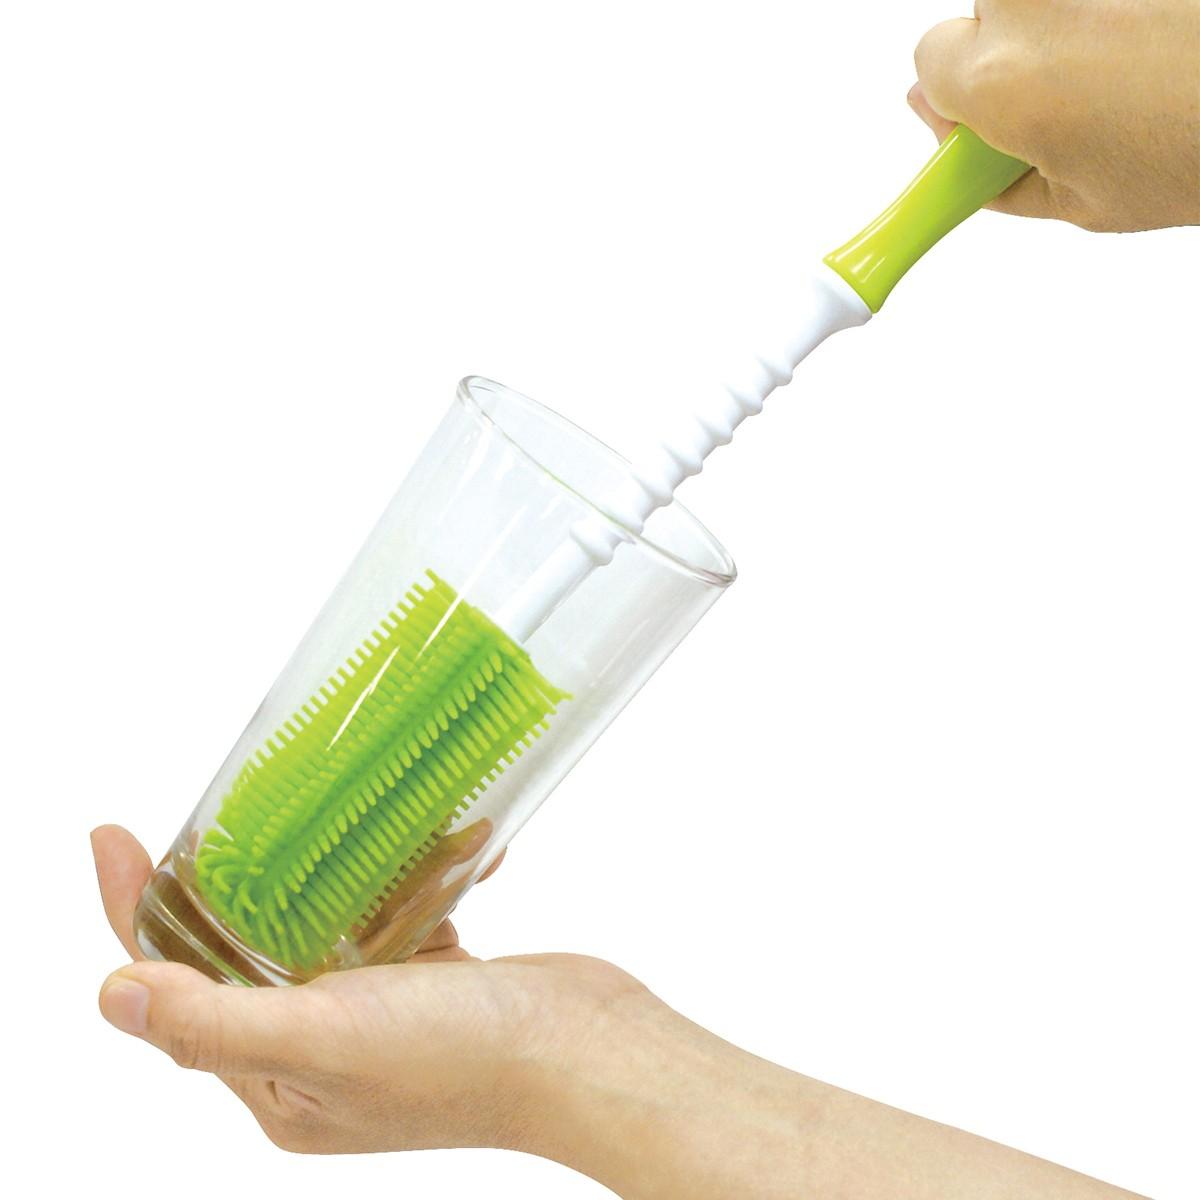 エジソン シリコーンブラシ グリーン KJH2007 【 洗浄 コップ ブラシ 】